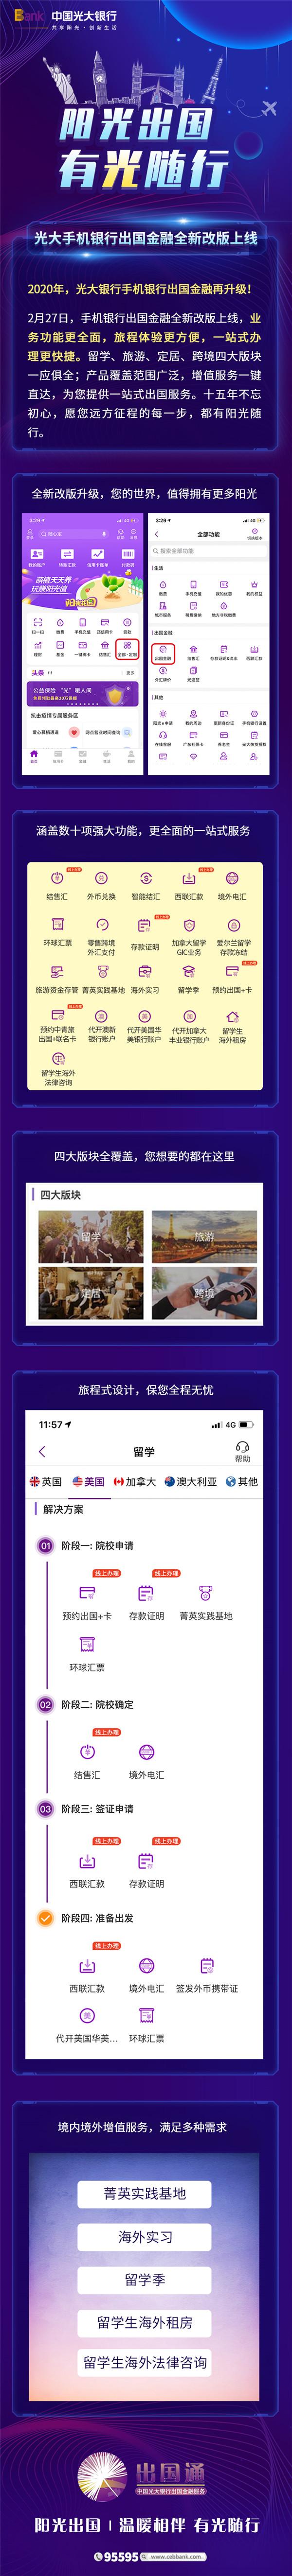 20200305光大银行手机银行.jpg